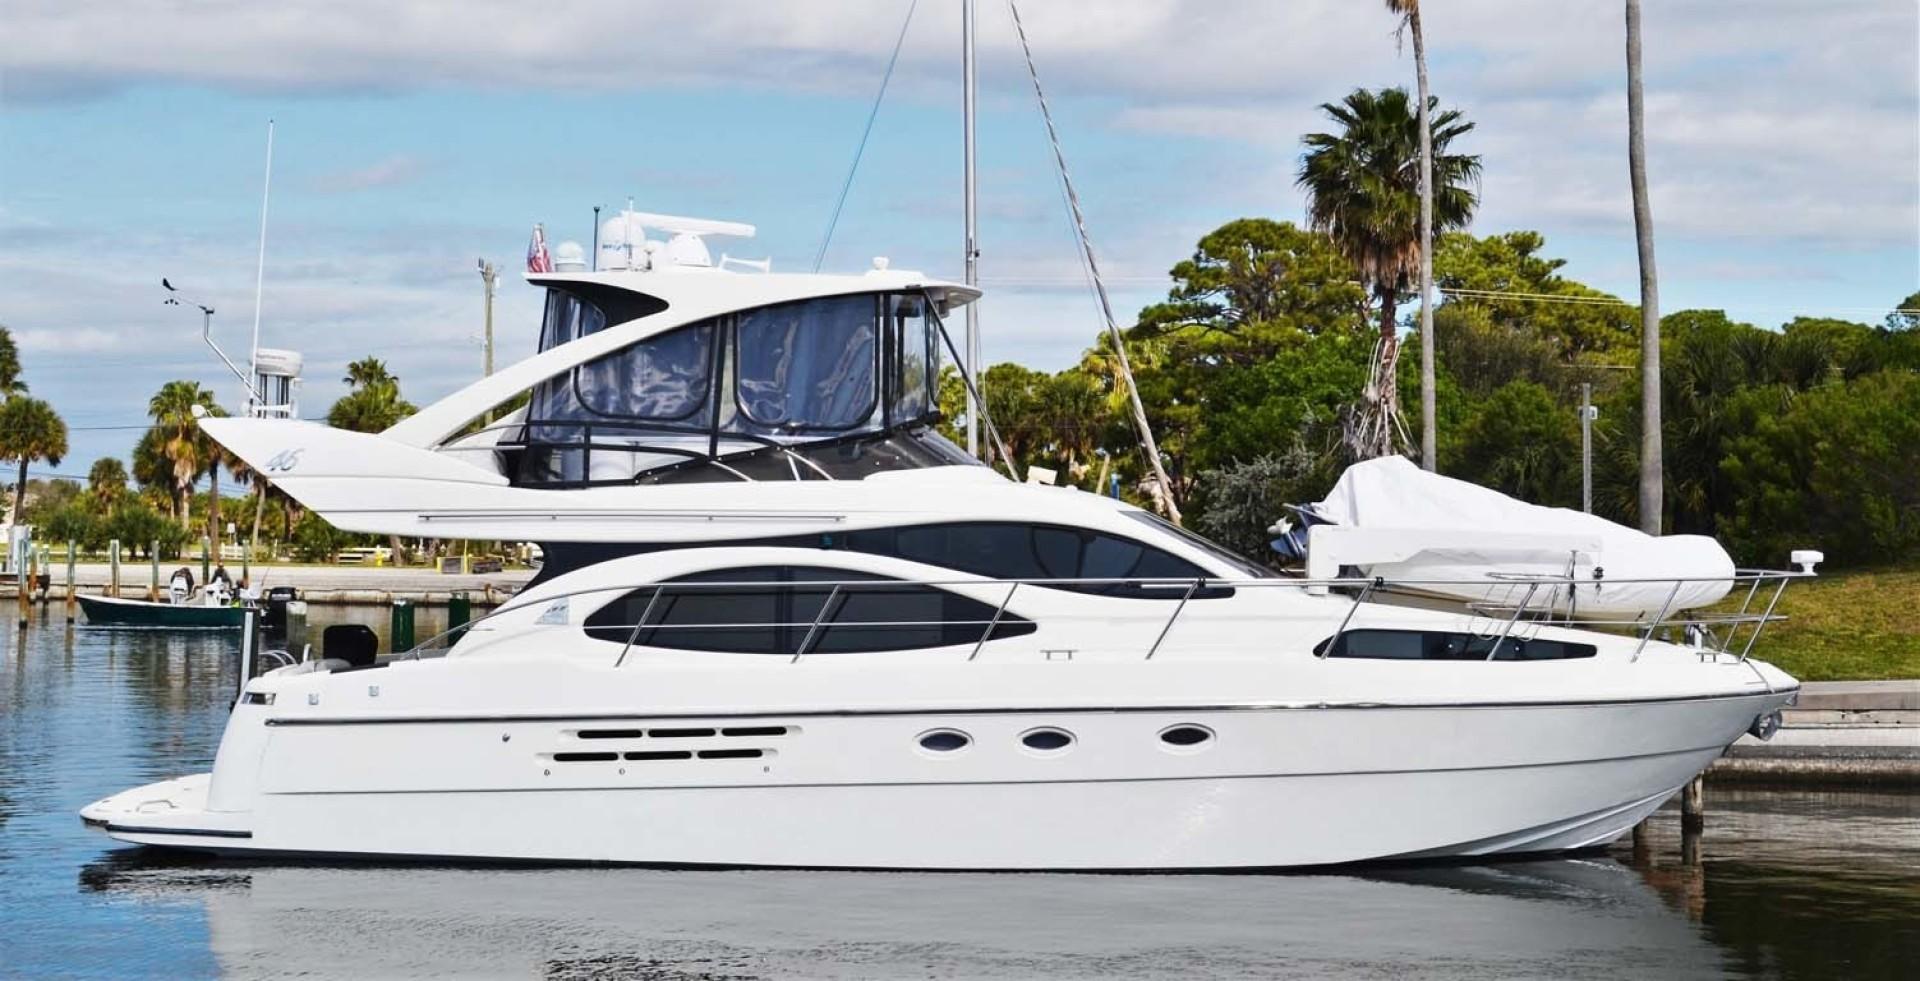 Azimut-46 Motor Yacht 2003-ChrAmy Melbourne-Florida-United States-Main Profile-1318878 | Thumbnail